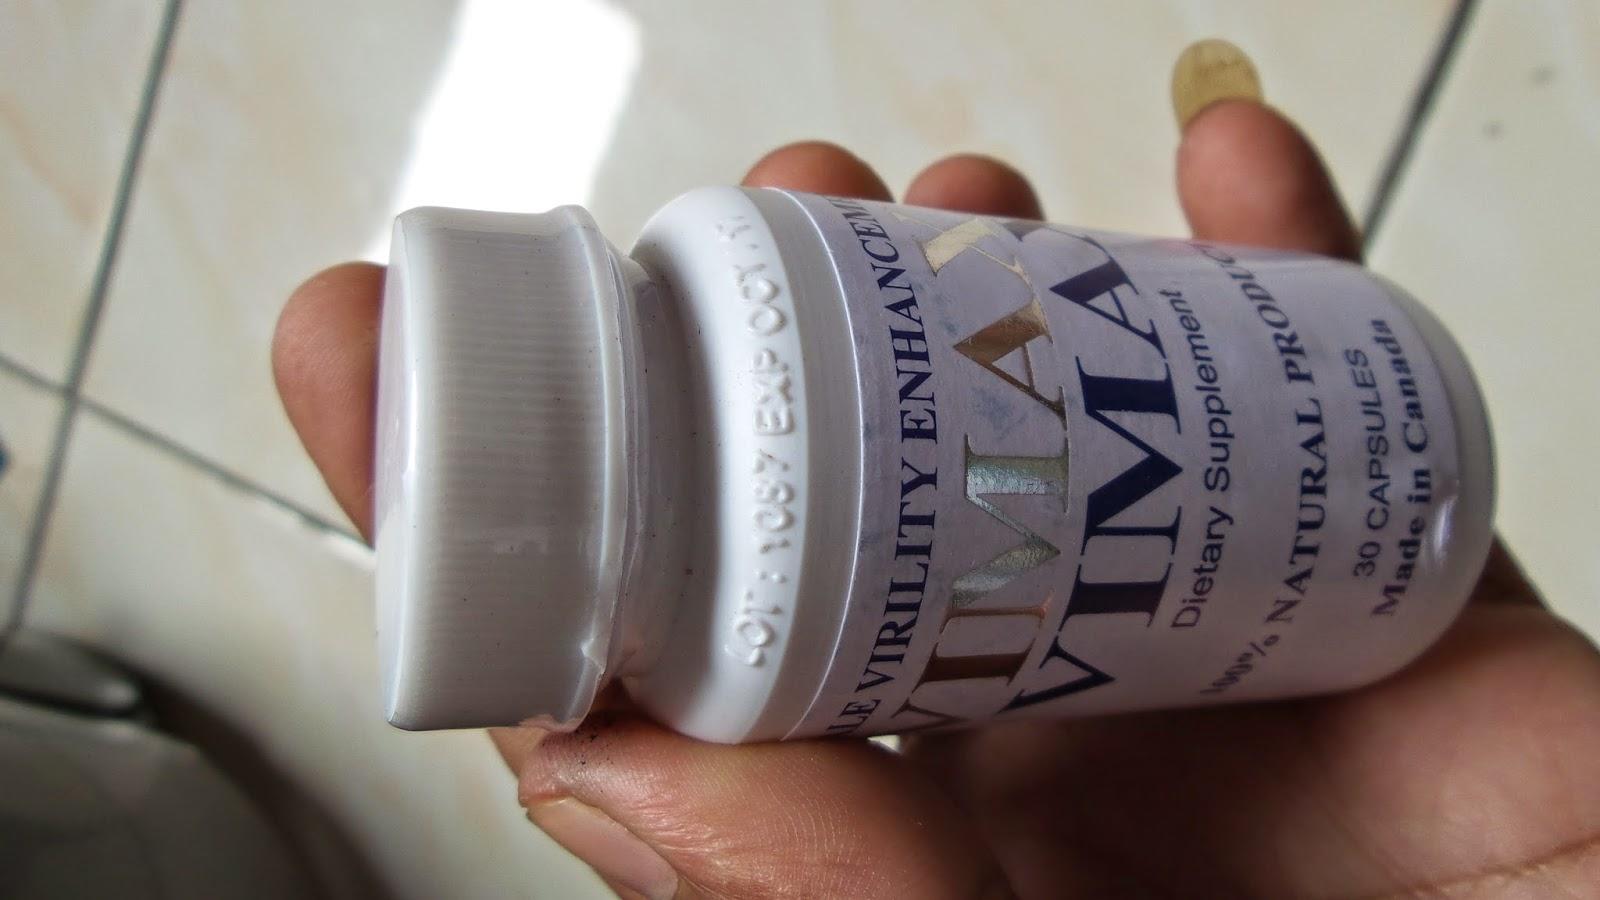 vimax asli canada obat pembesar penis distributor